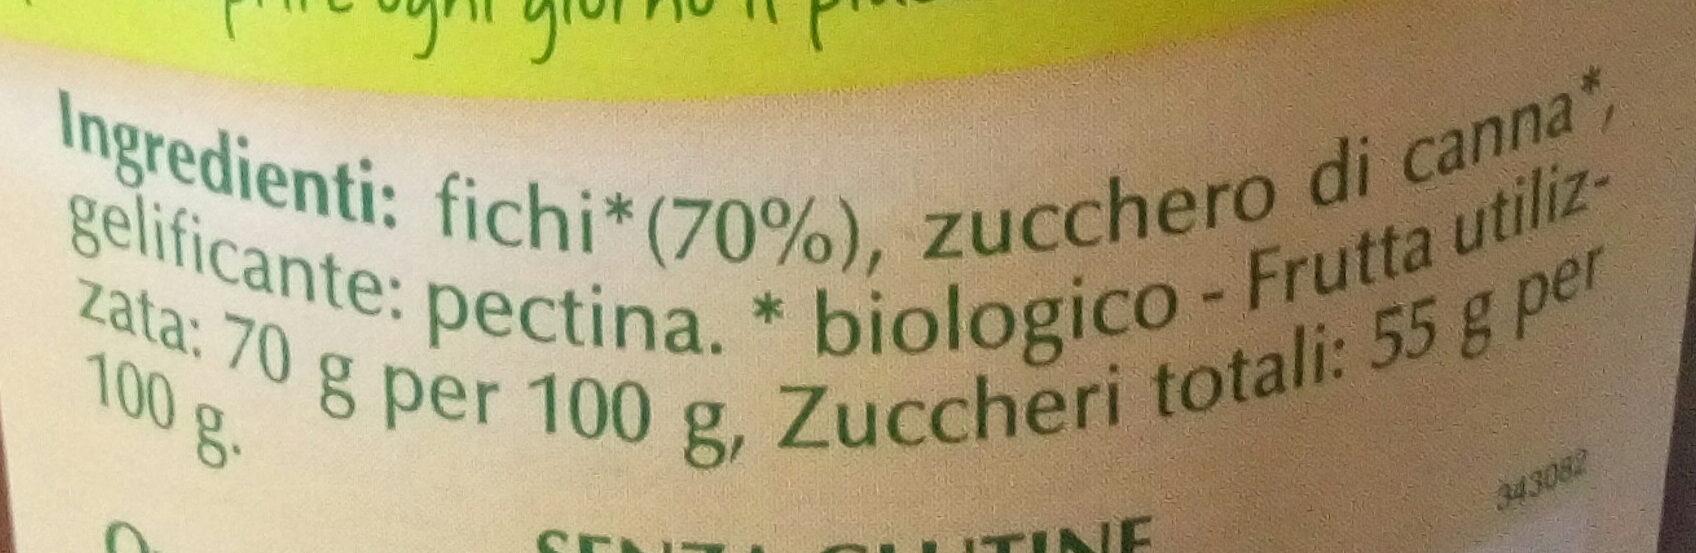 Preparato di fichi biologico - Ingredients - it